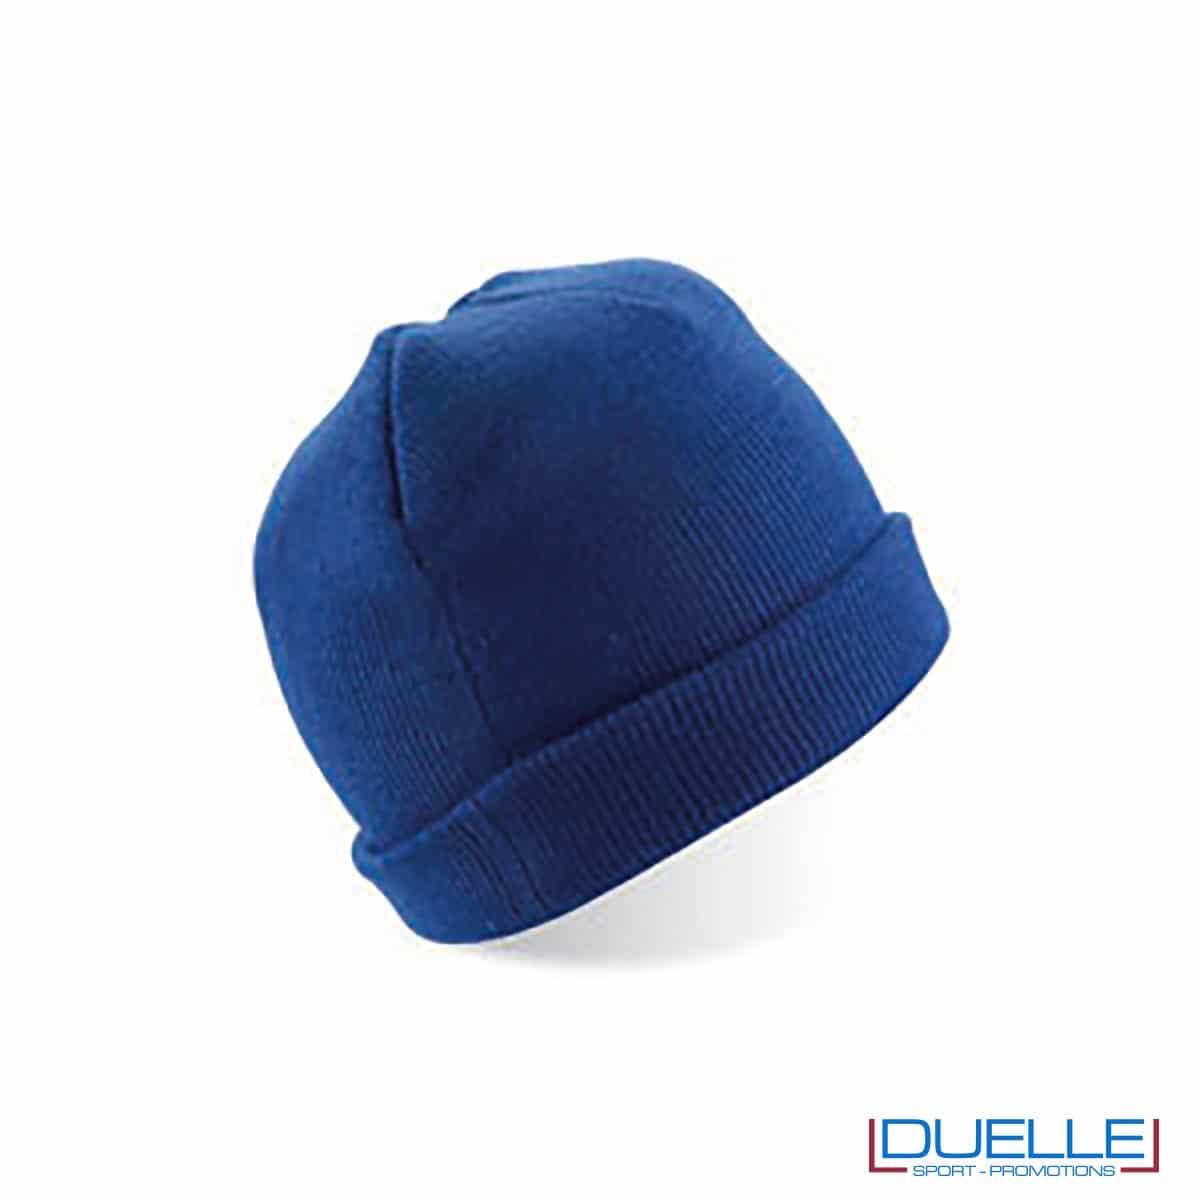 cappello personalizzato inverno in tessuto pesante colore blu royal